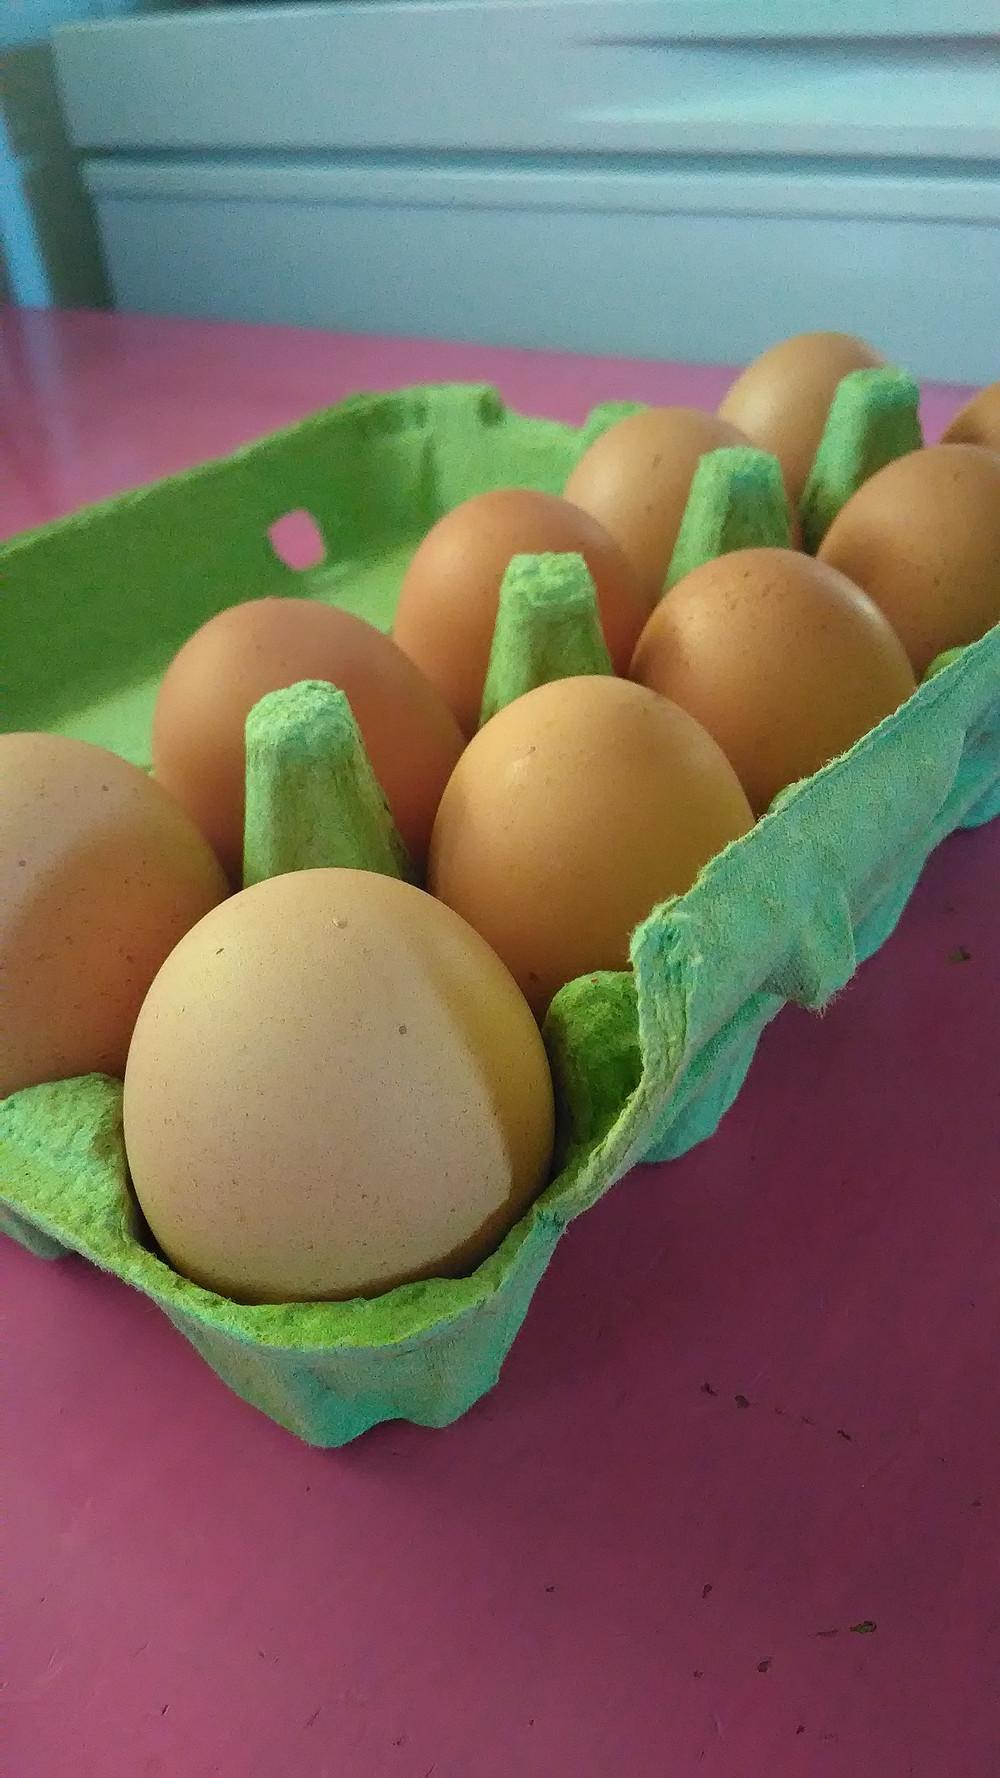 Omien kanojen munissa on voittamaton maku